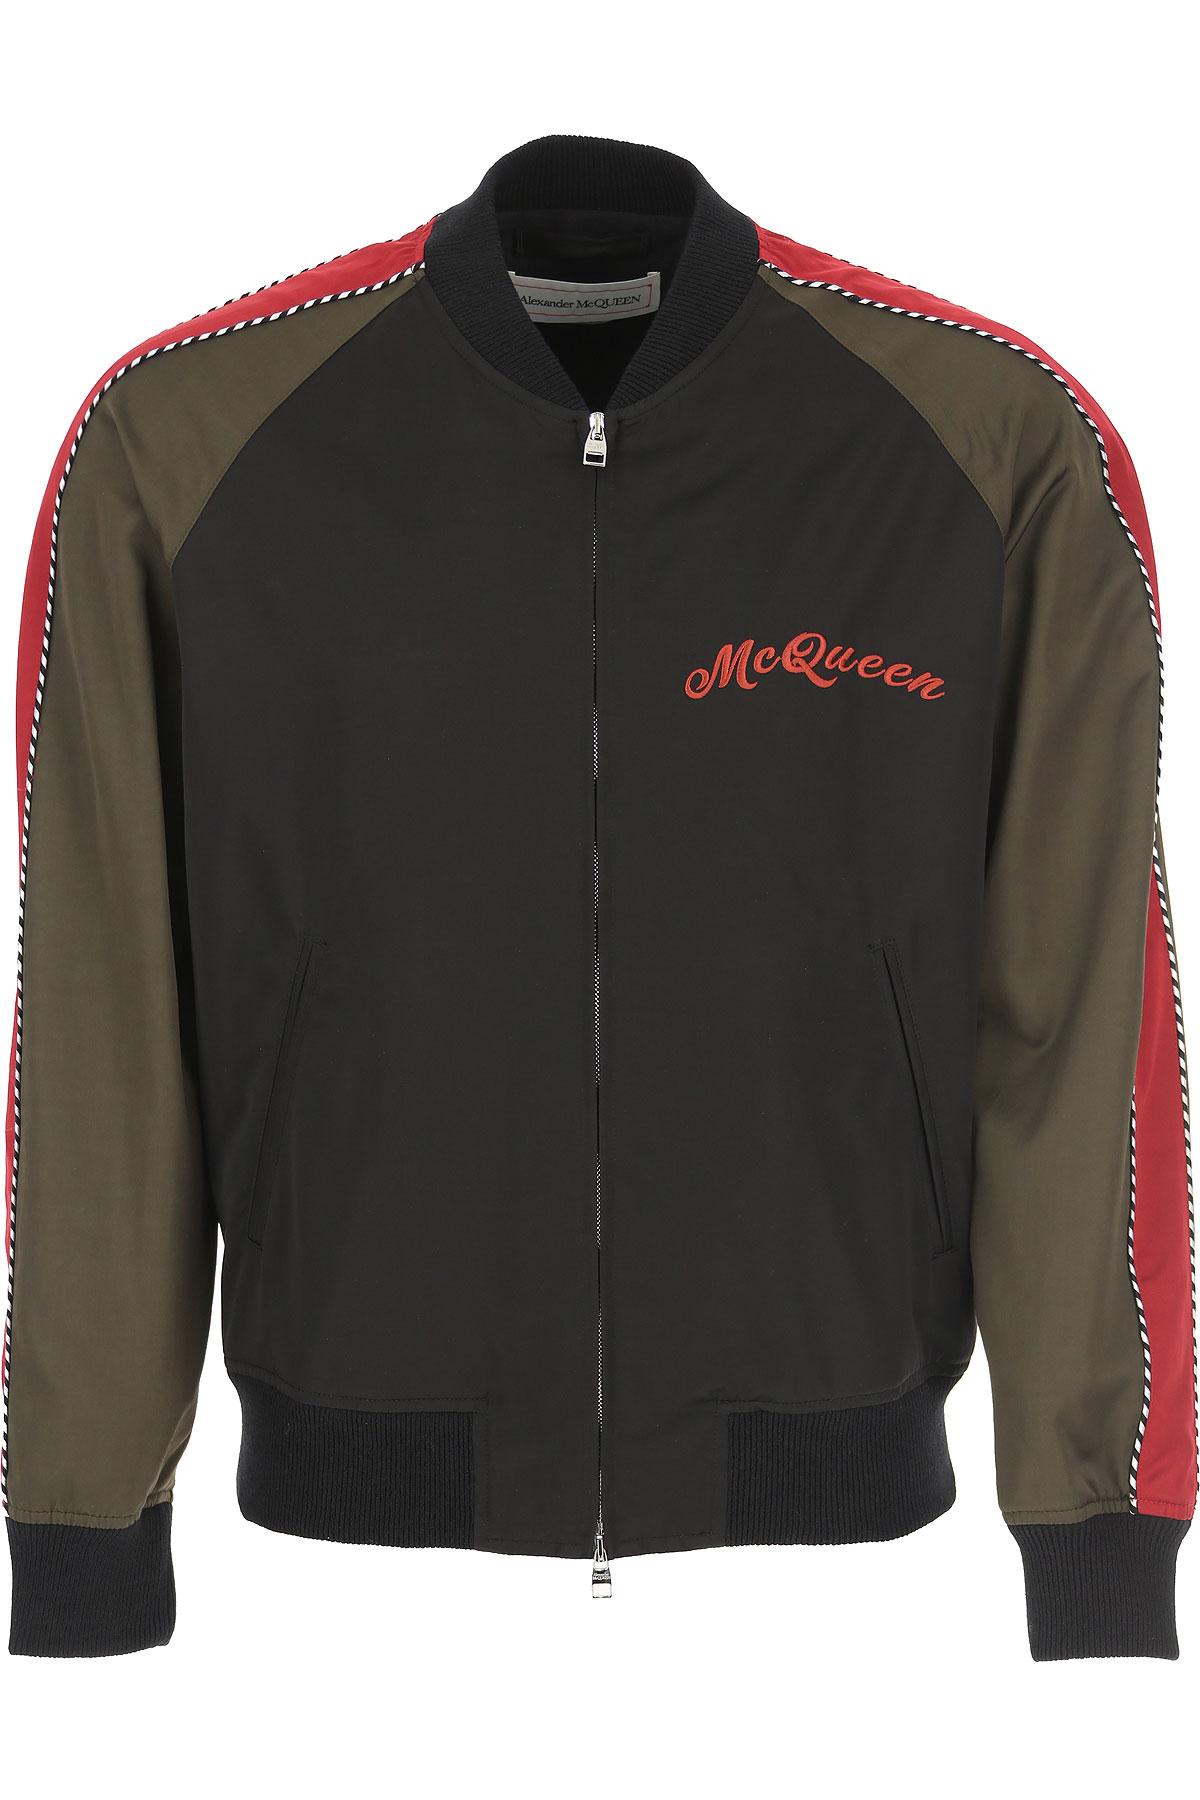 Alexander McQueen Jacket for Men On Sale, Black, Cotton, 2019, L M XL